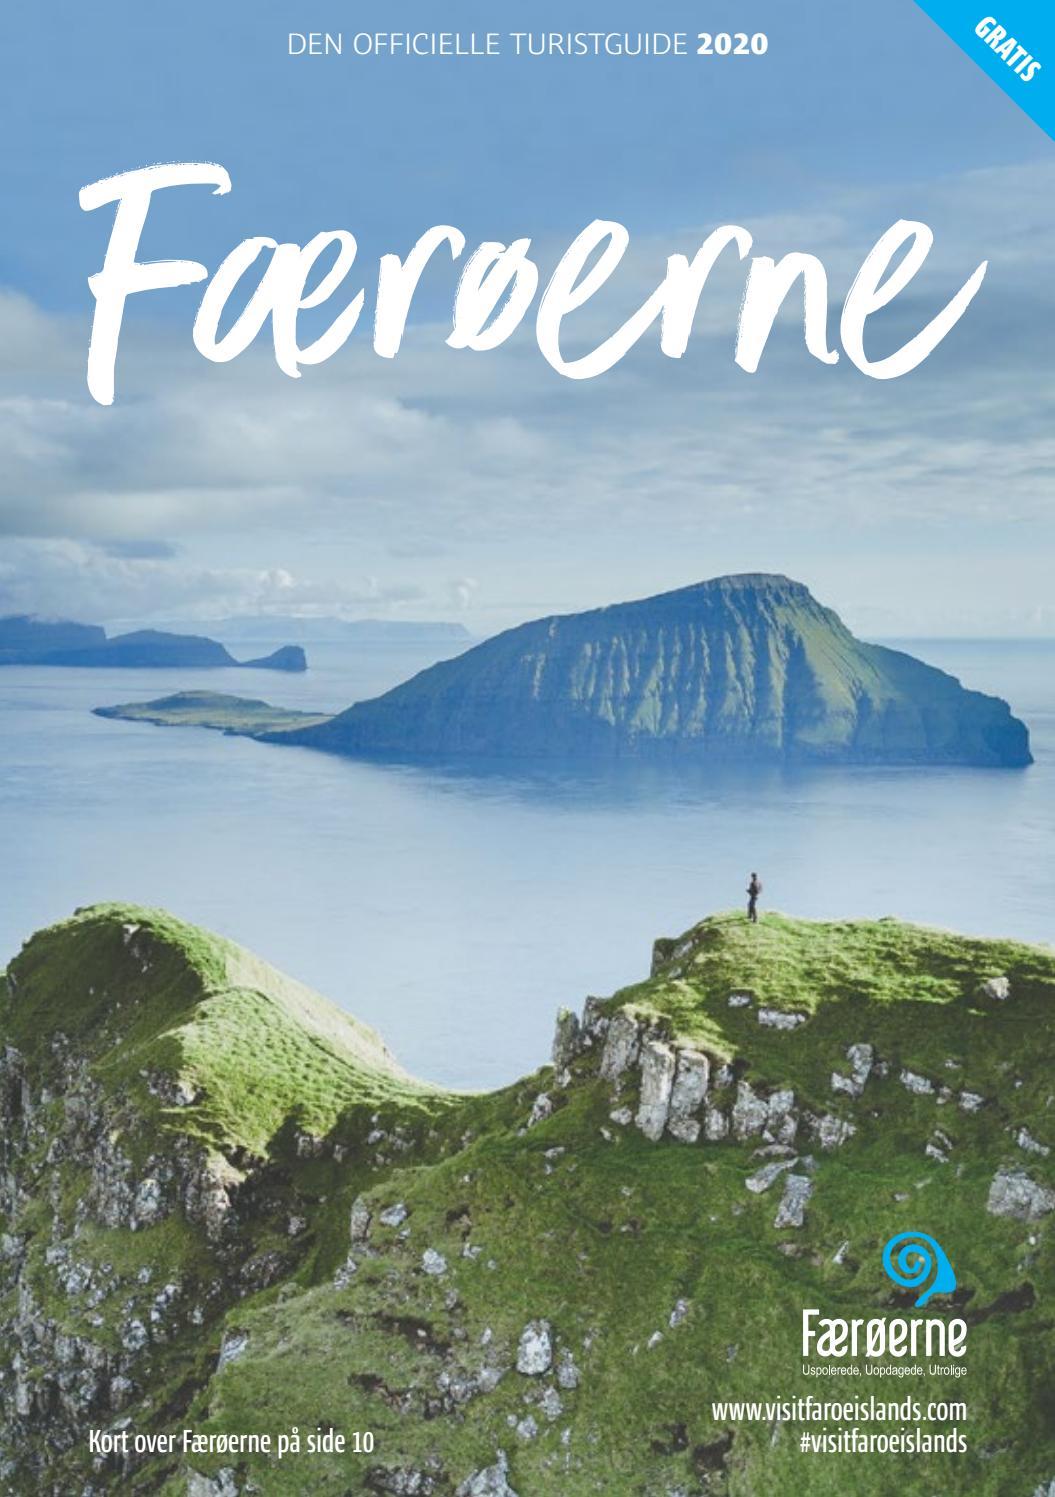 Faeroerne Tourist Guide 2020 By Visit Faroe Islands Issuu